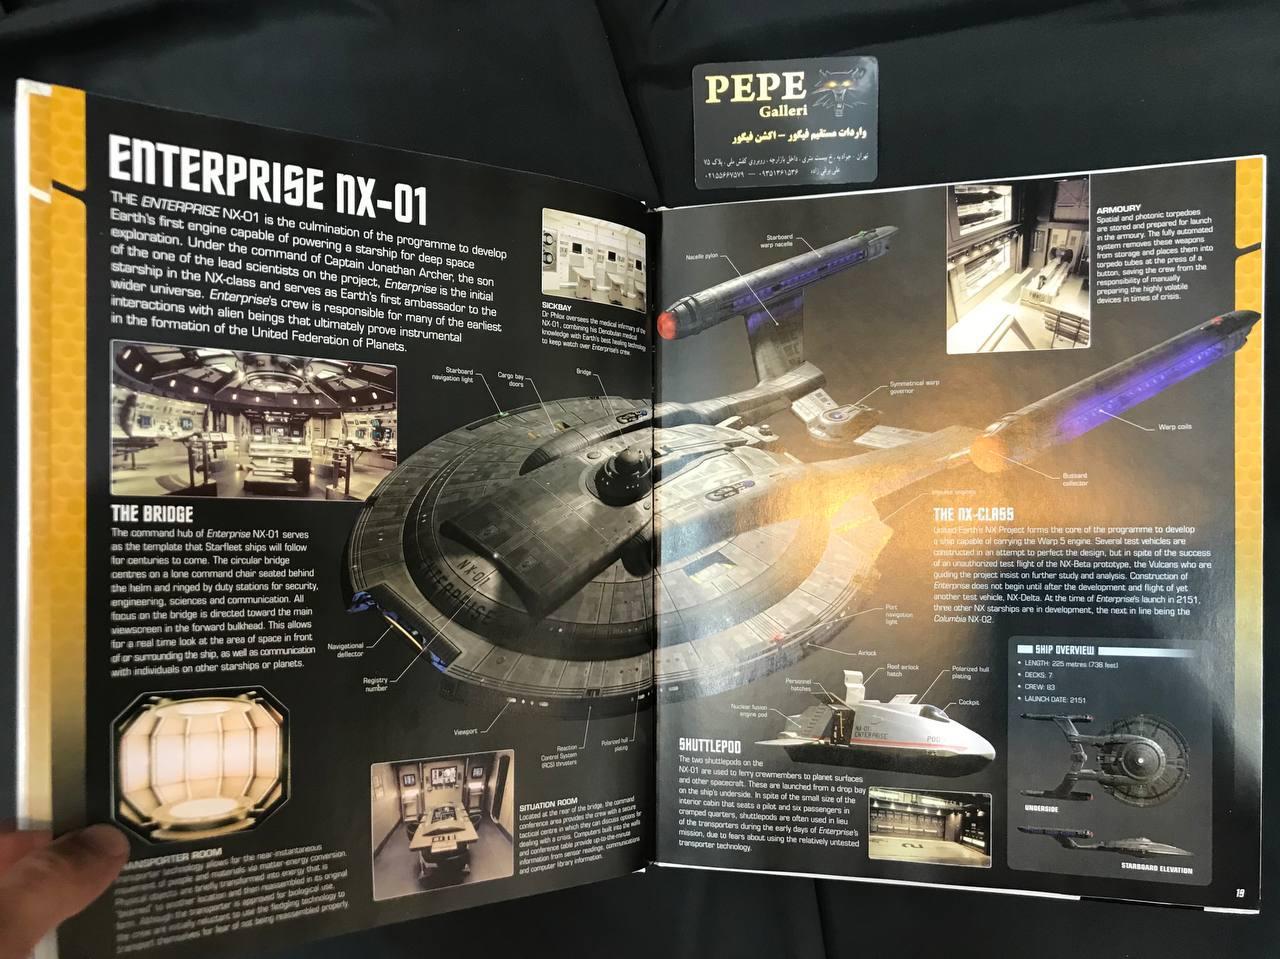 دیکشنری تصویری کامل پیشتازان فضا (8)